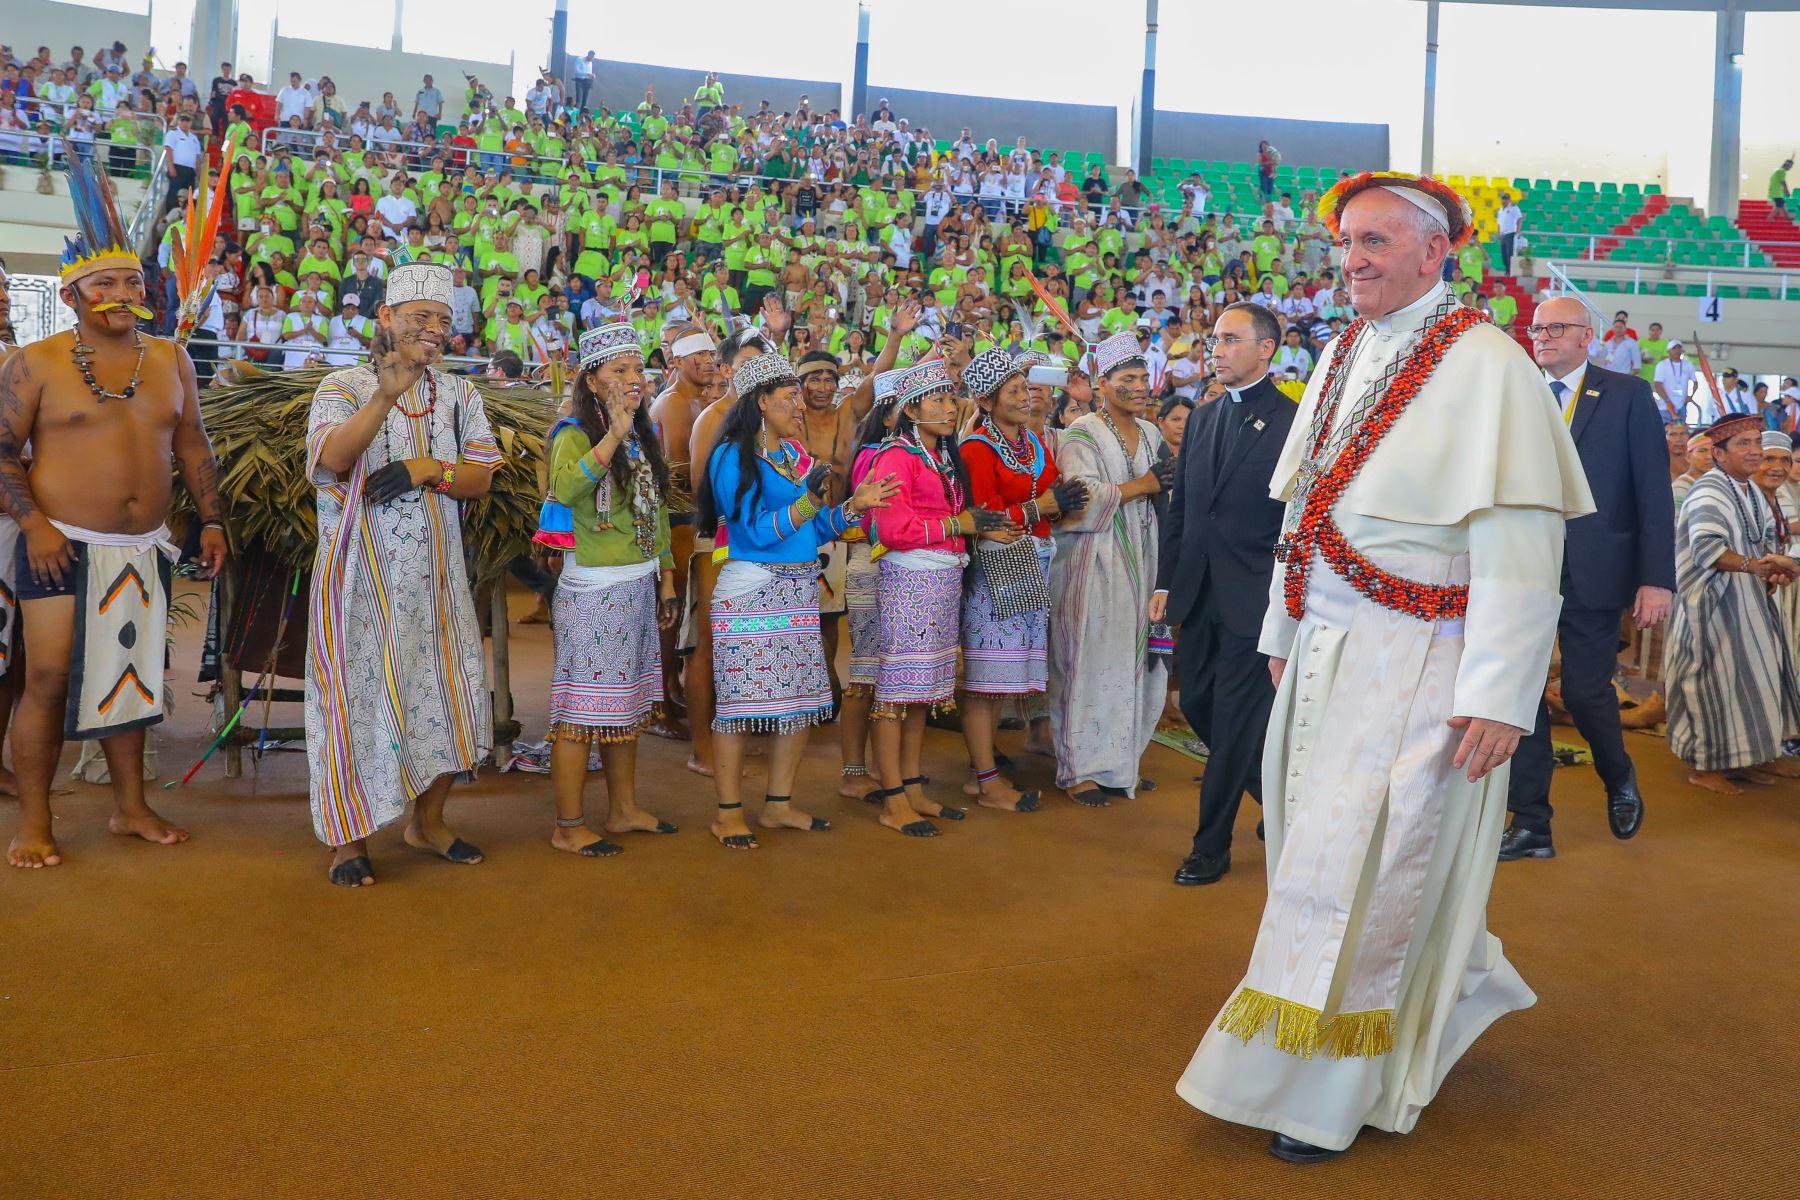 Fotografía tomada el 19 enero 2018 / Encuentro del Papa Francisco con los pueblos de la Amazonia en el Coliseo Regional de  Madre de Dios.  Foto: ANDINA/Andrés Valle